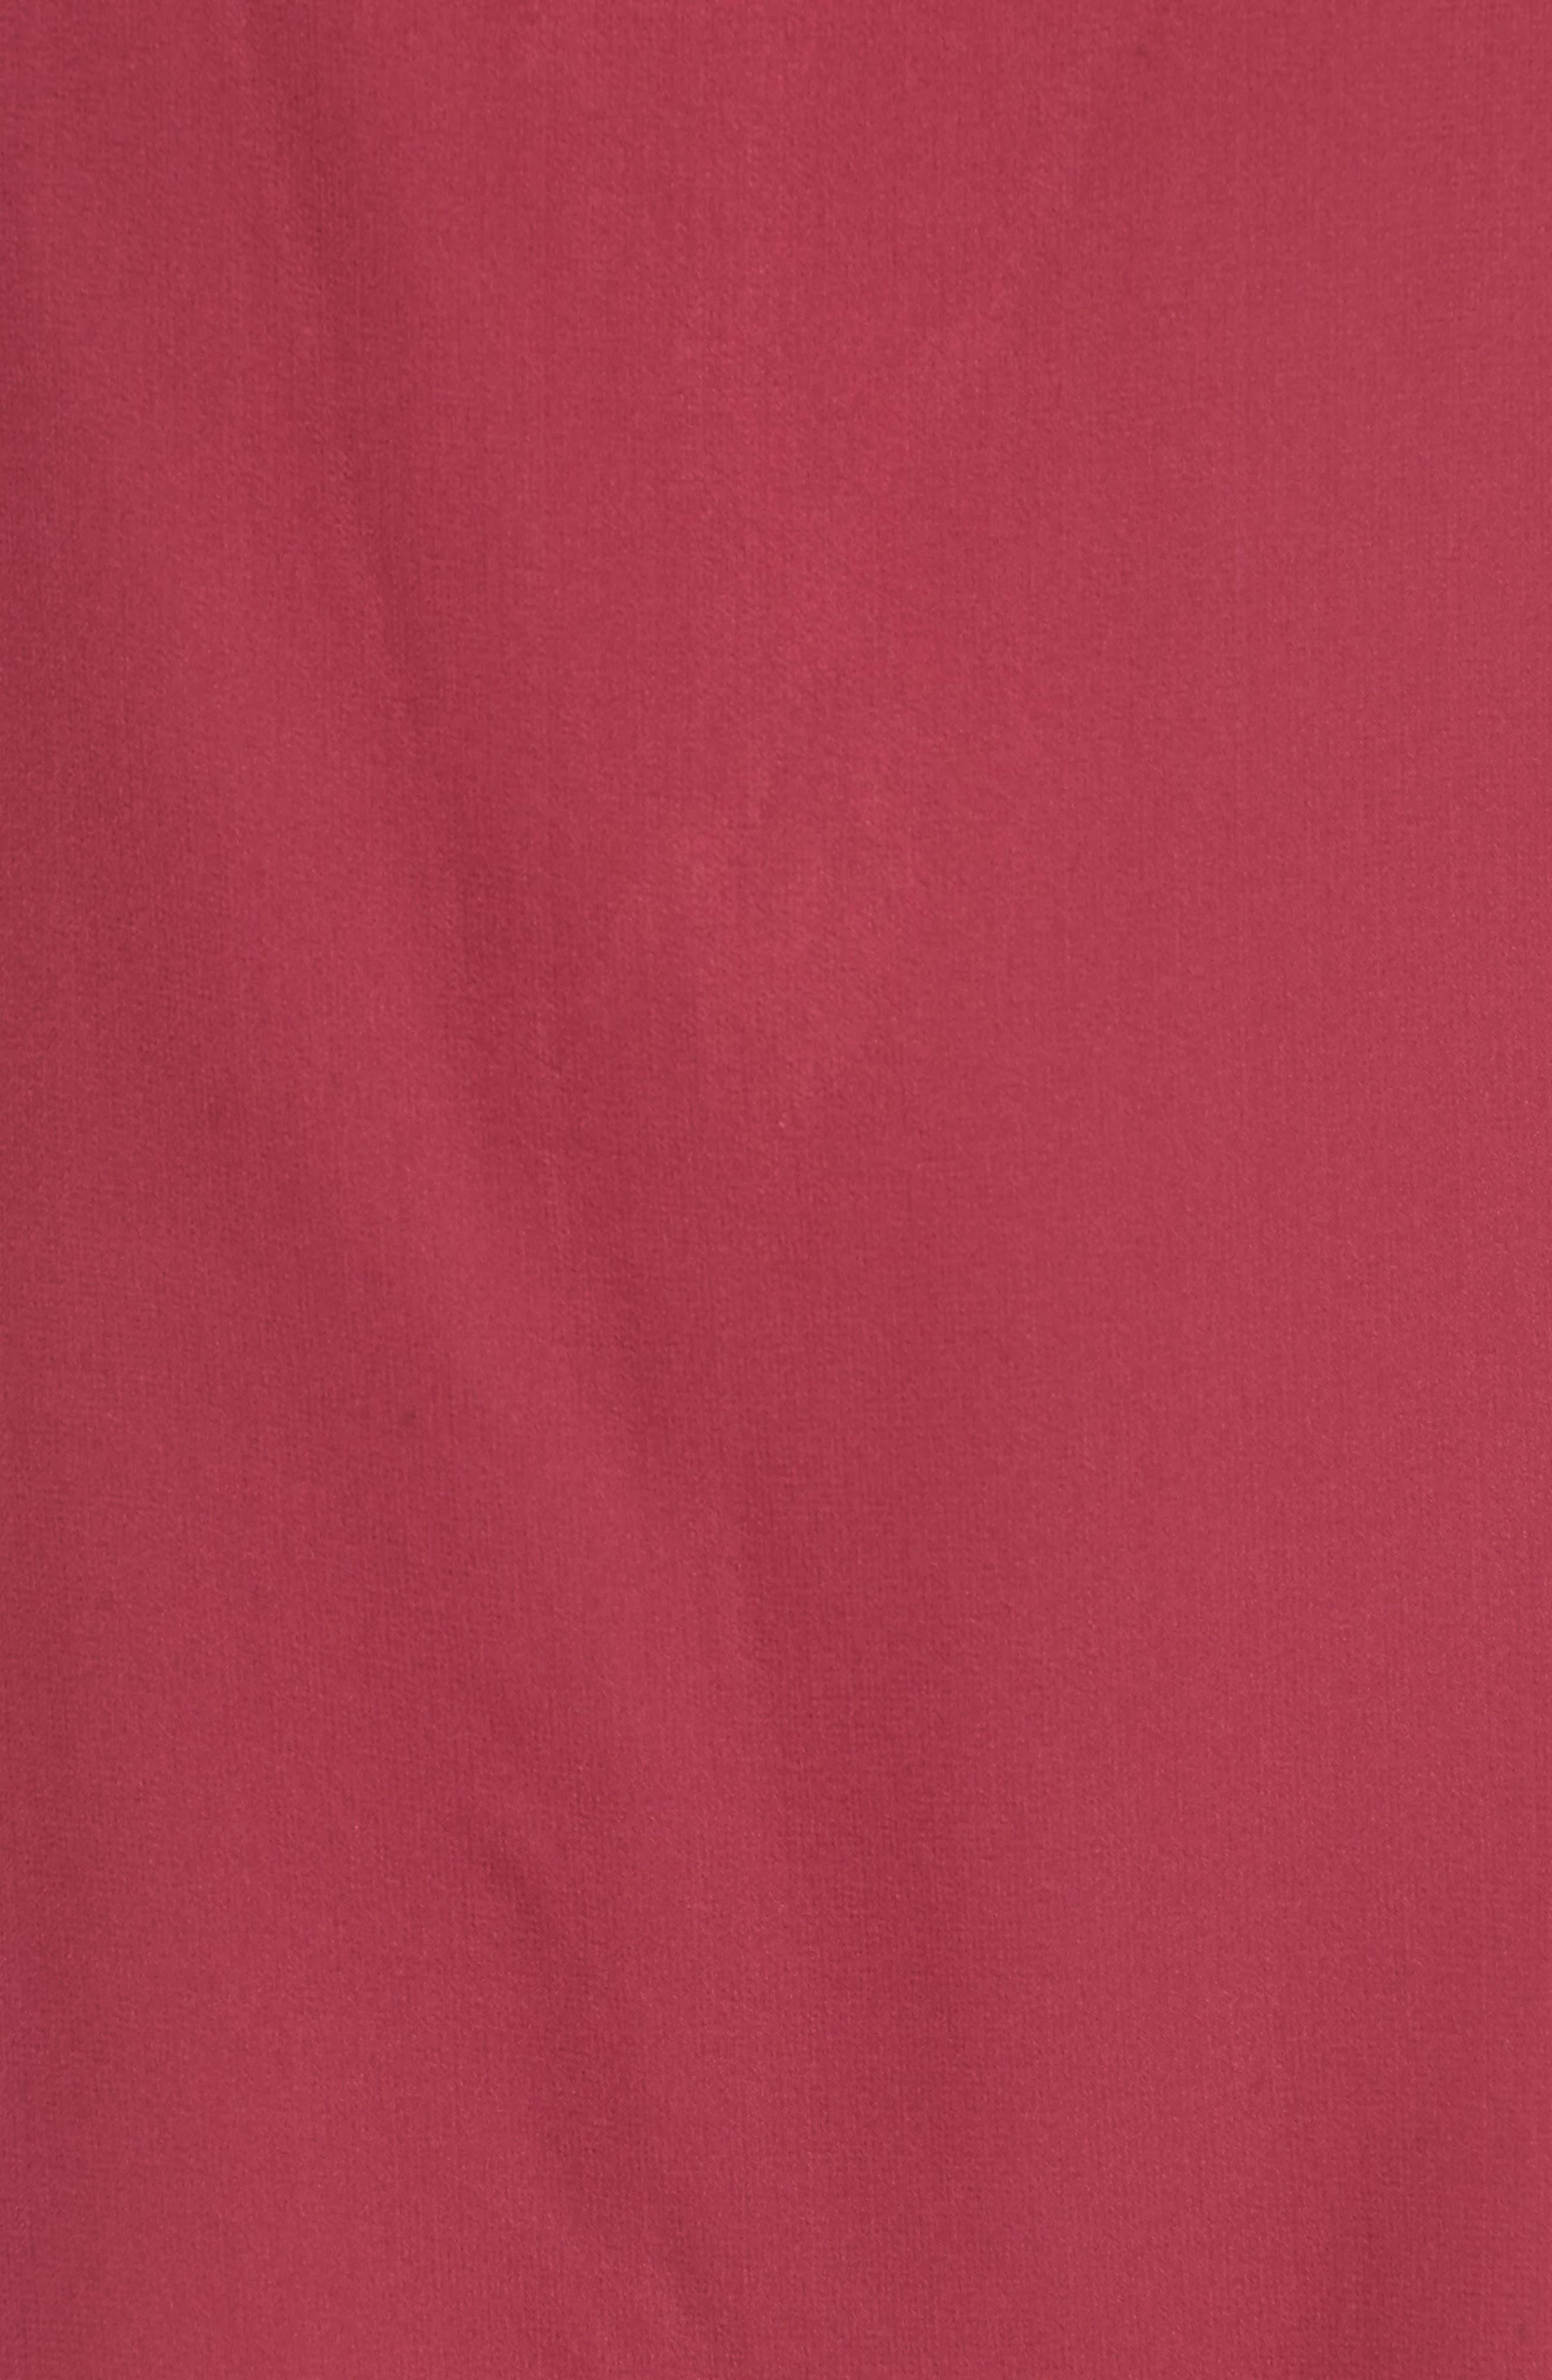 Dena Off the Shoulder Shift Dress,                             Alternate thumbnail 10, color,